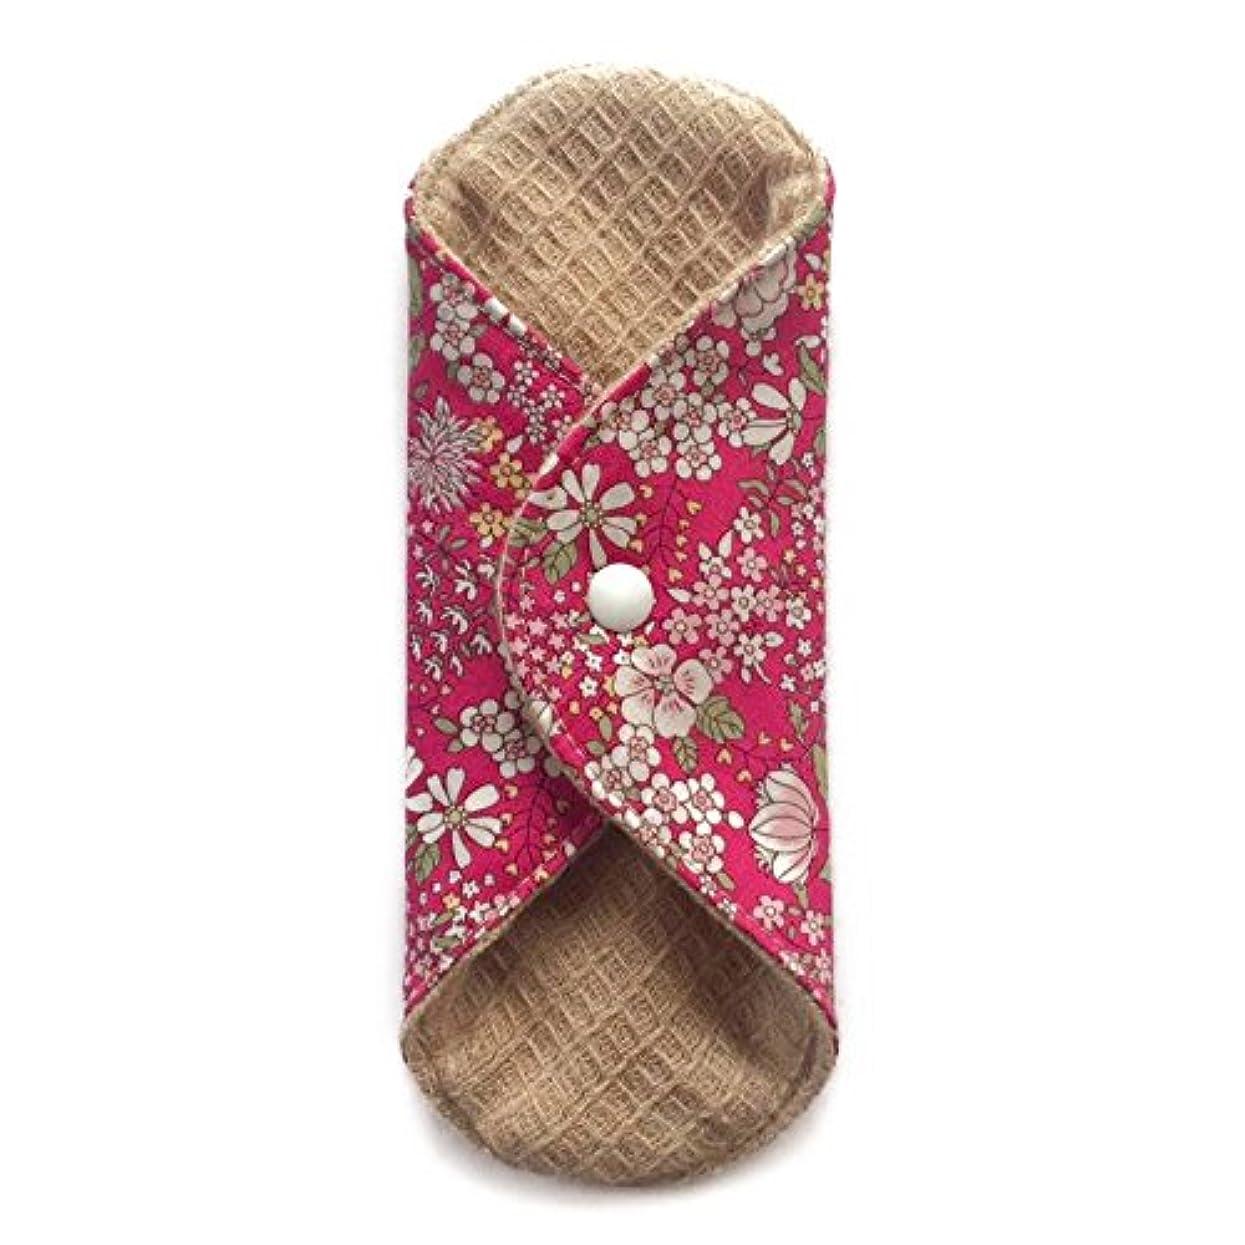 保全あいまいさ従事する華布のオーガニックコットンの極み あたため布 Sサイズ (約13×約13×約0.6cm) 雅(ローズ)